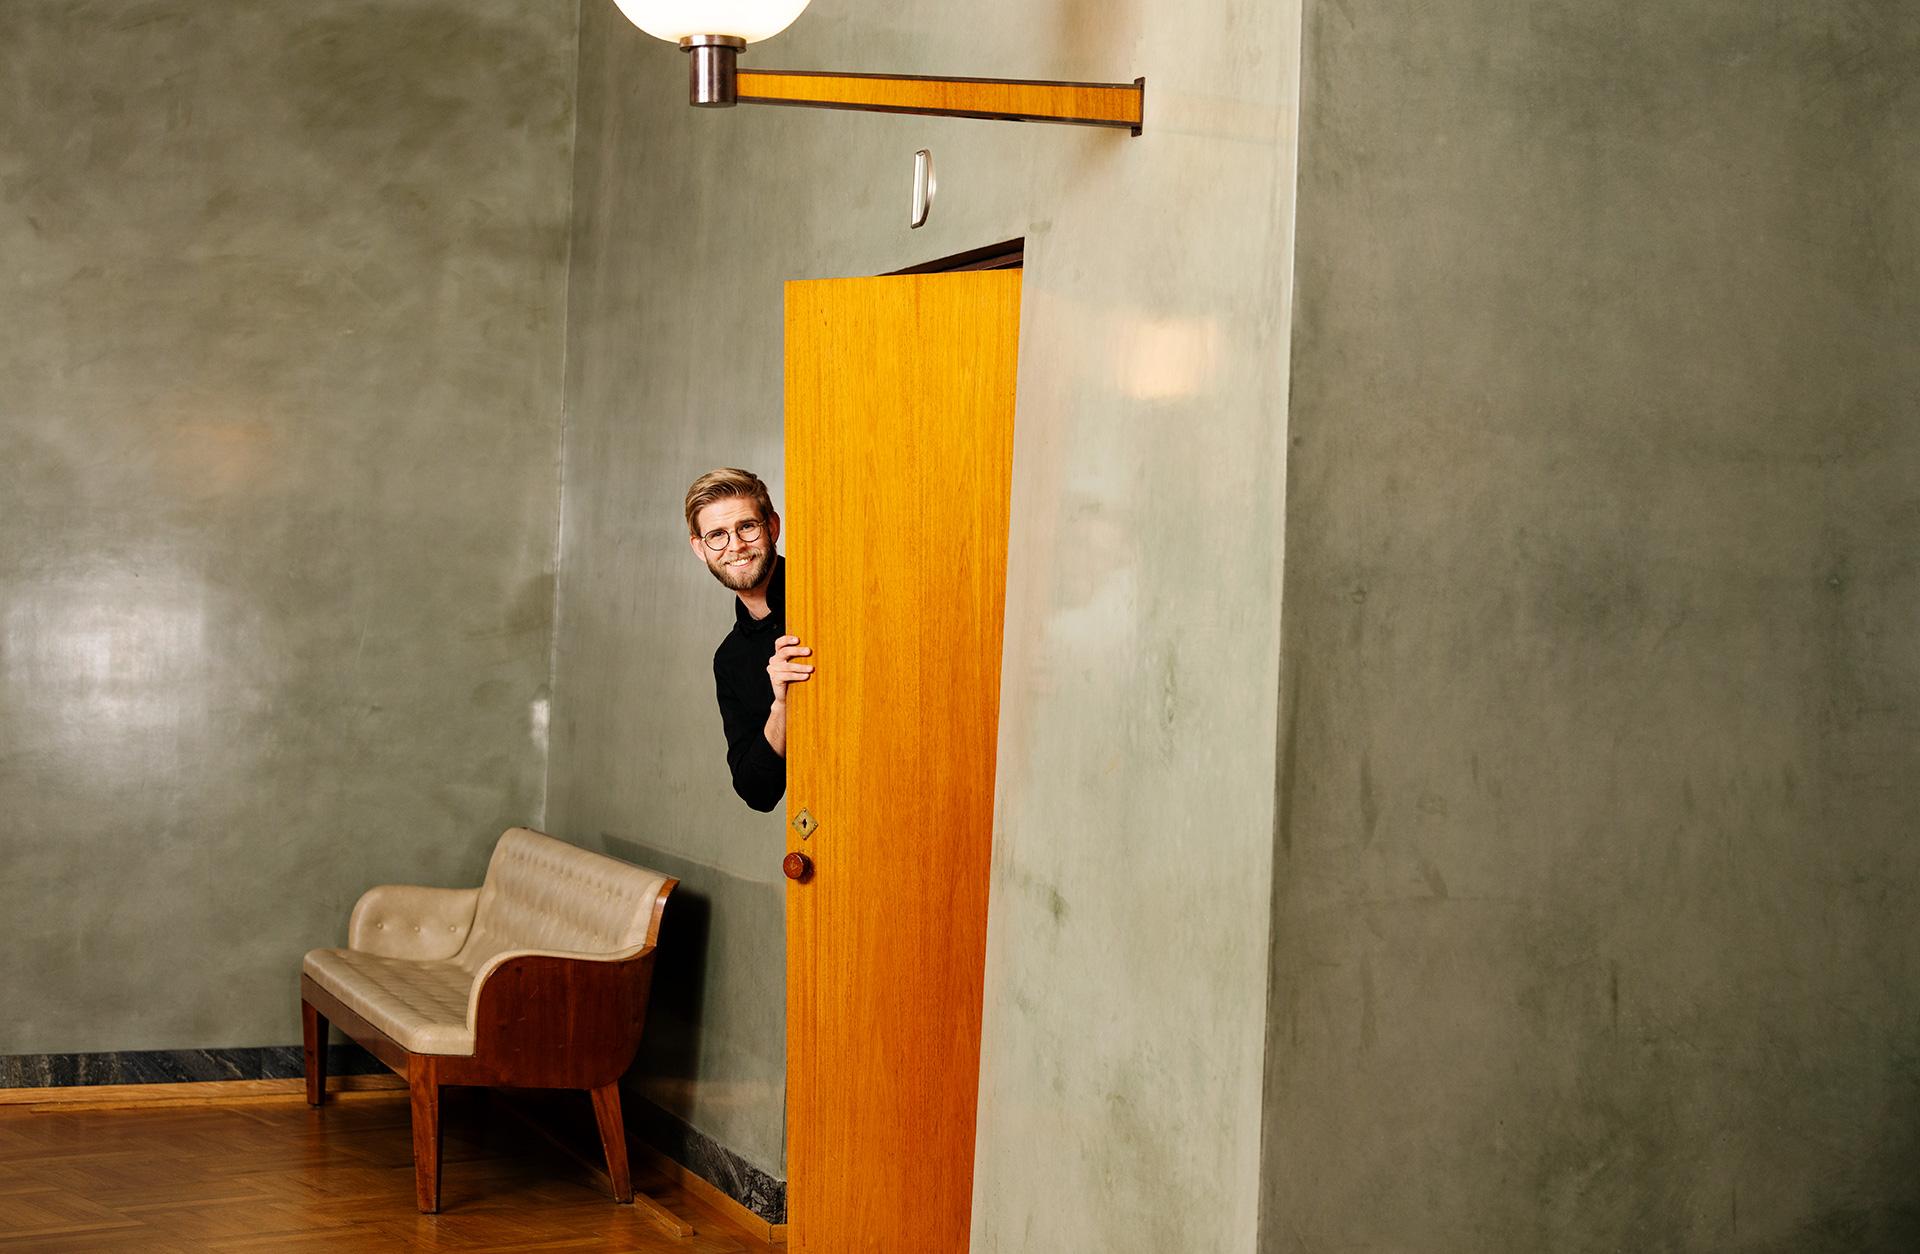 En medelålders kille tittar ut genom en dörr i konserthuset